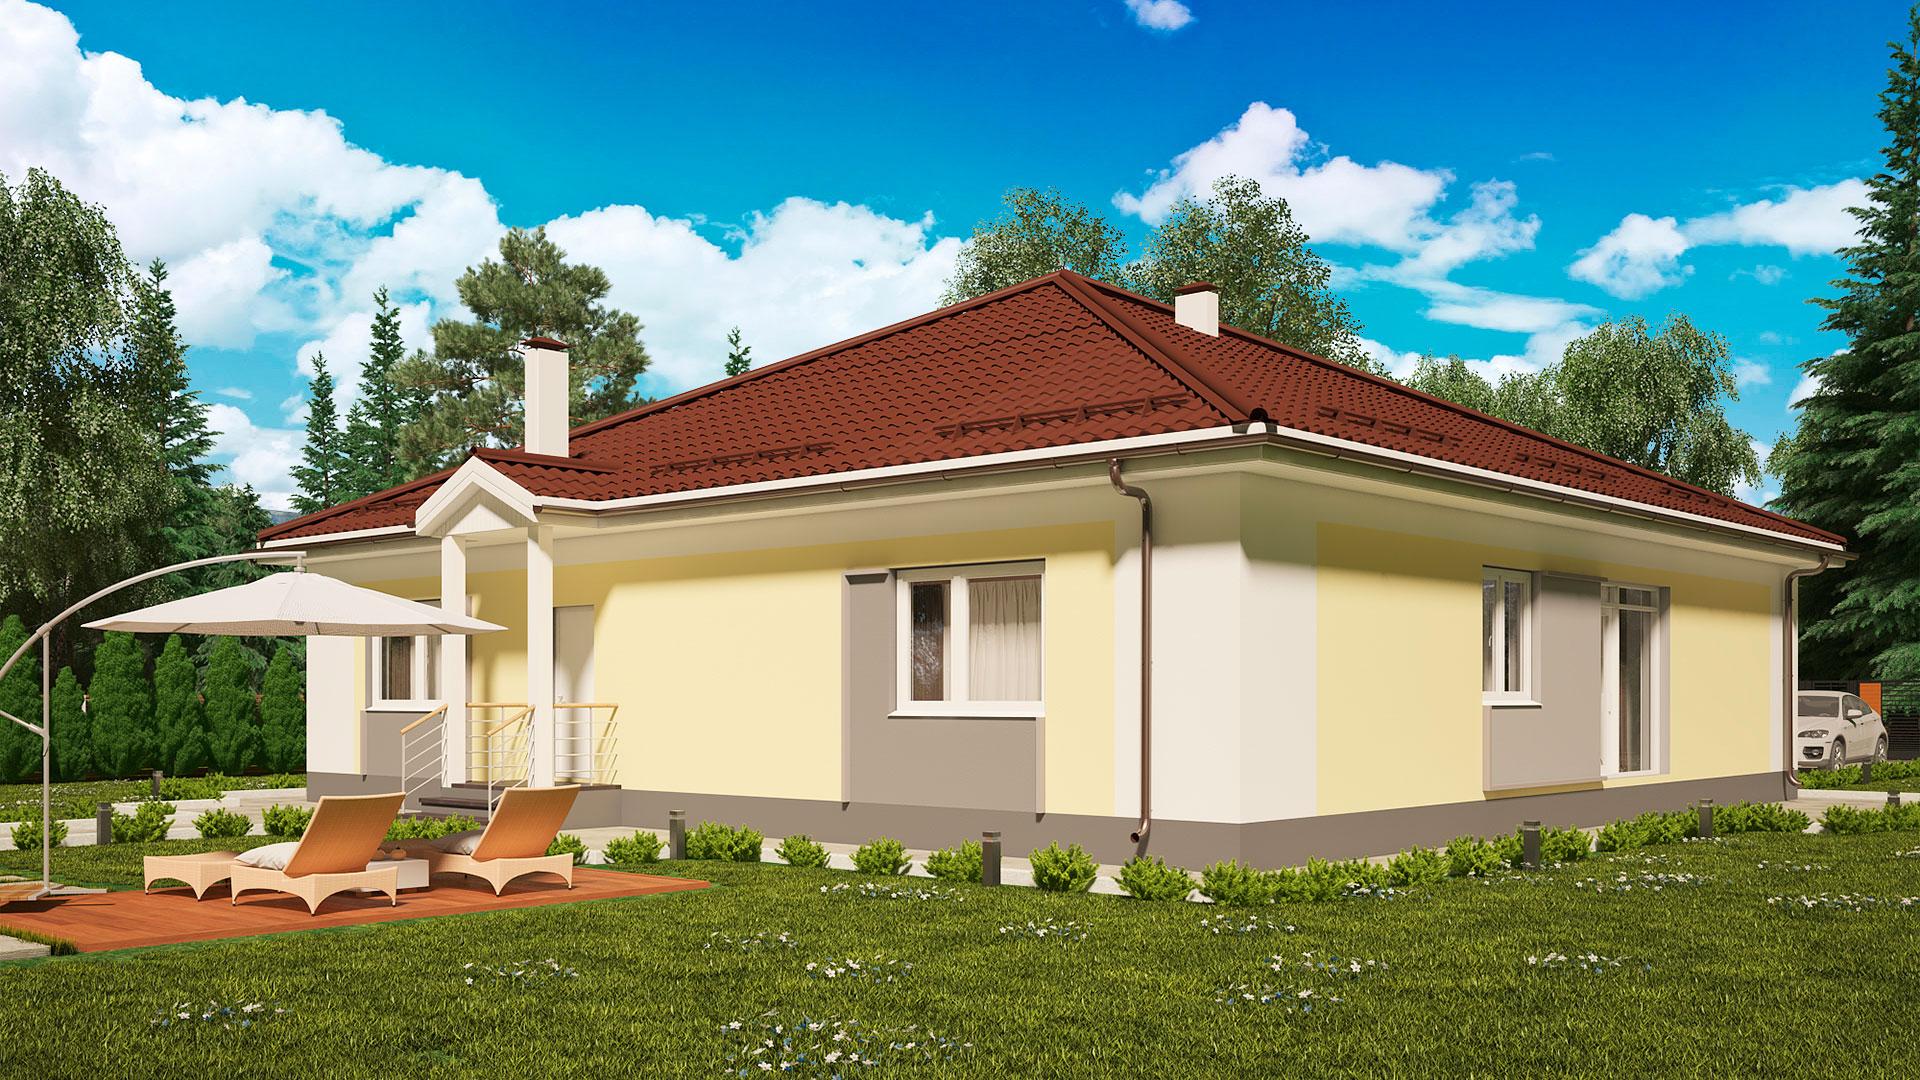 Задний и боковой фасады загородного дома 15 на 15 одноэтажного, проект БЭНПАН МС-213.